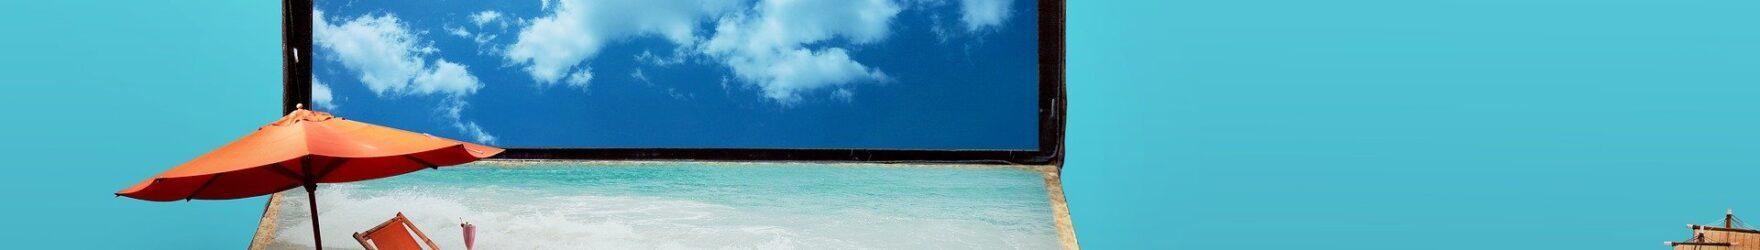 Specializzazioni settore turismo